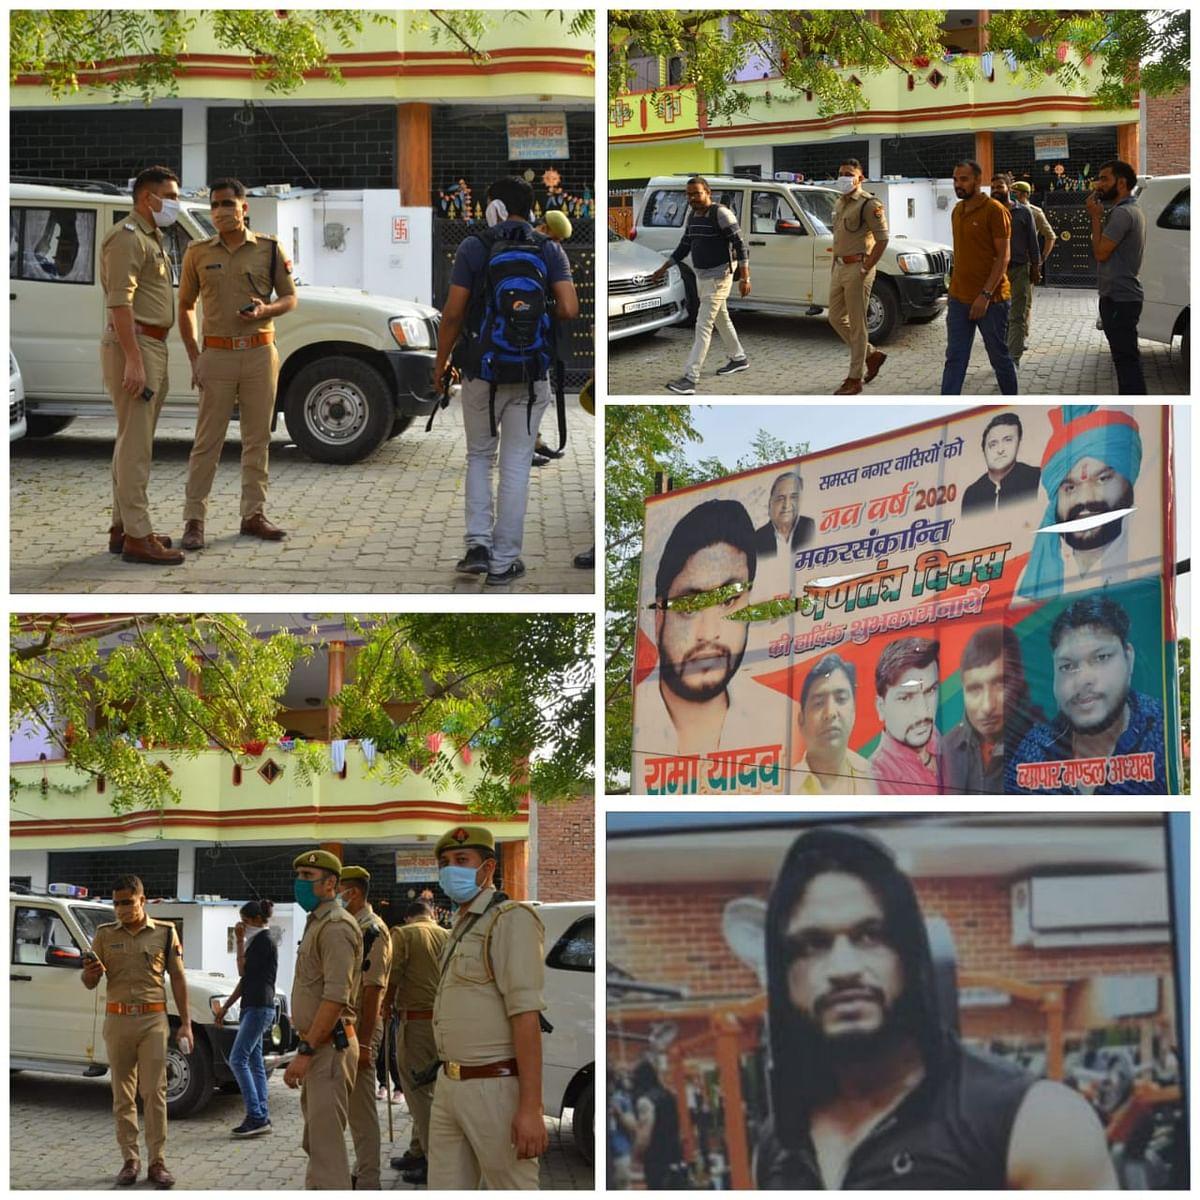 कानपुर : सपा नेता के घर सट्टे का भंडाफोड़, लाखों की रकम के साथ आधा दर्जन सटोरिये गिरफ्तार